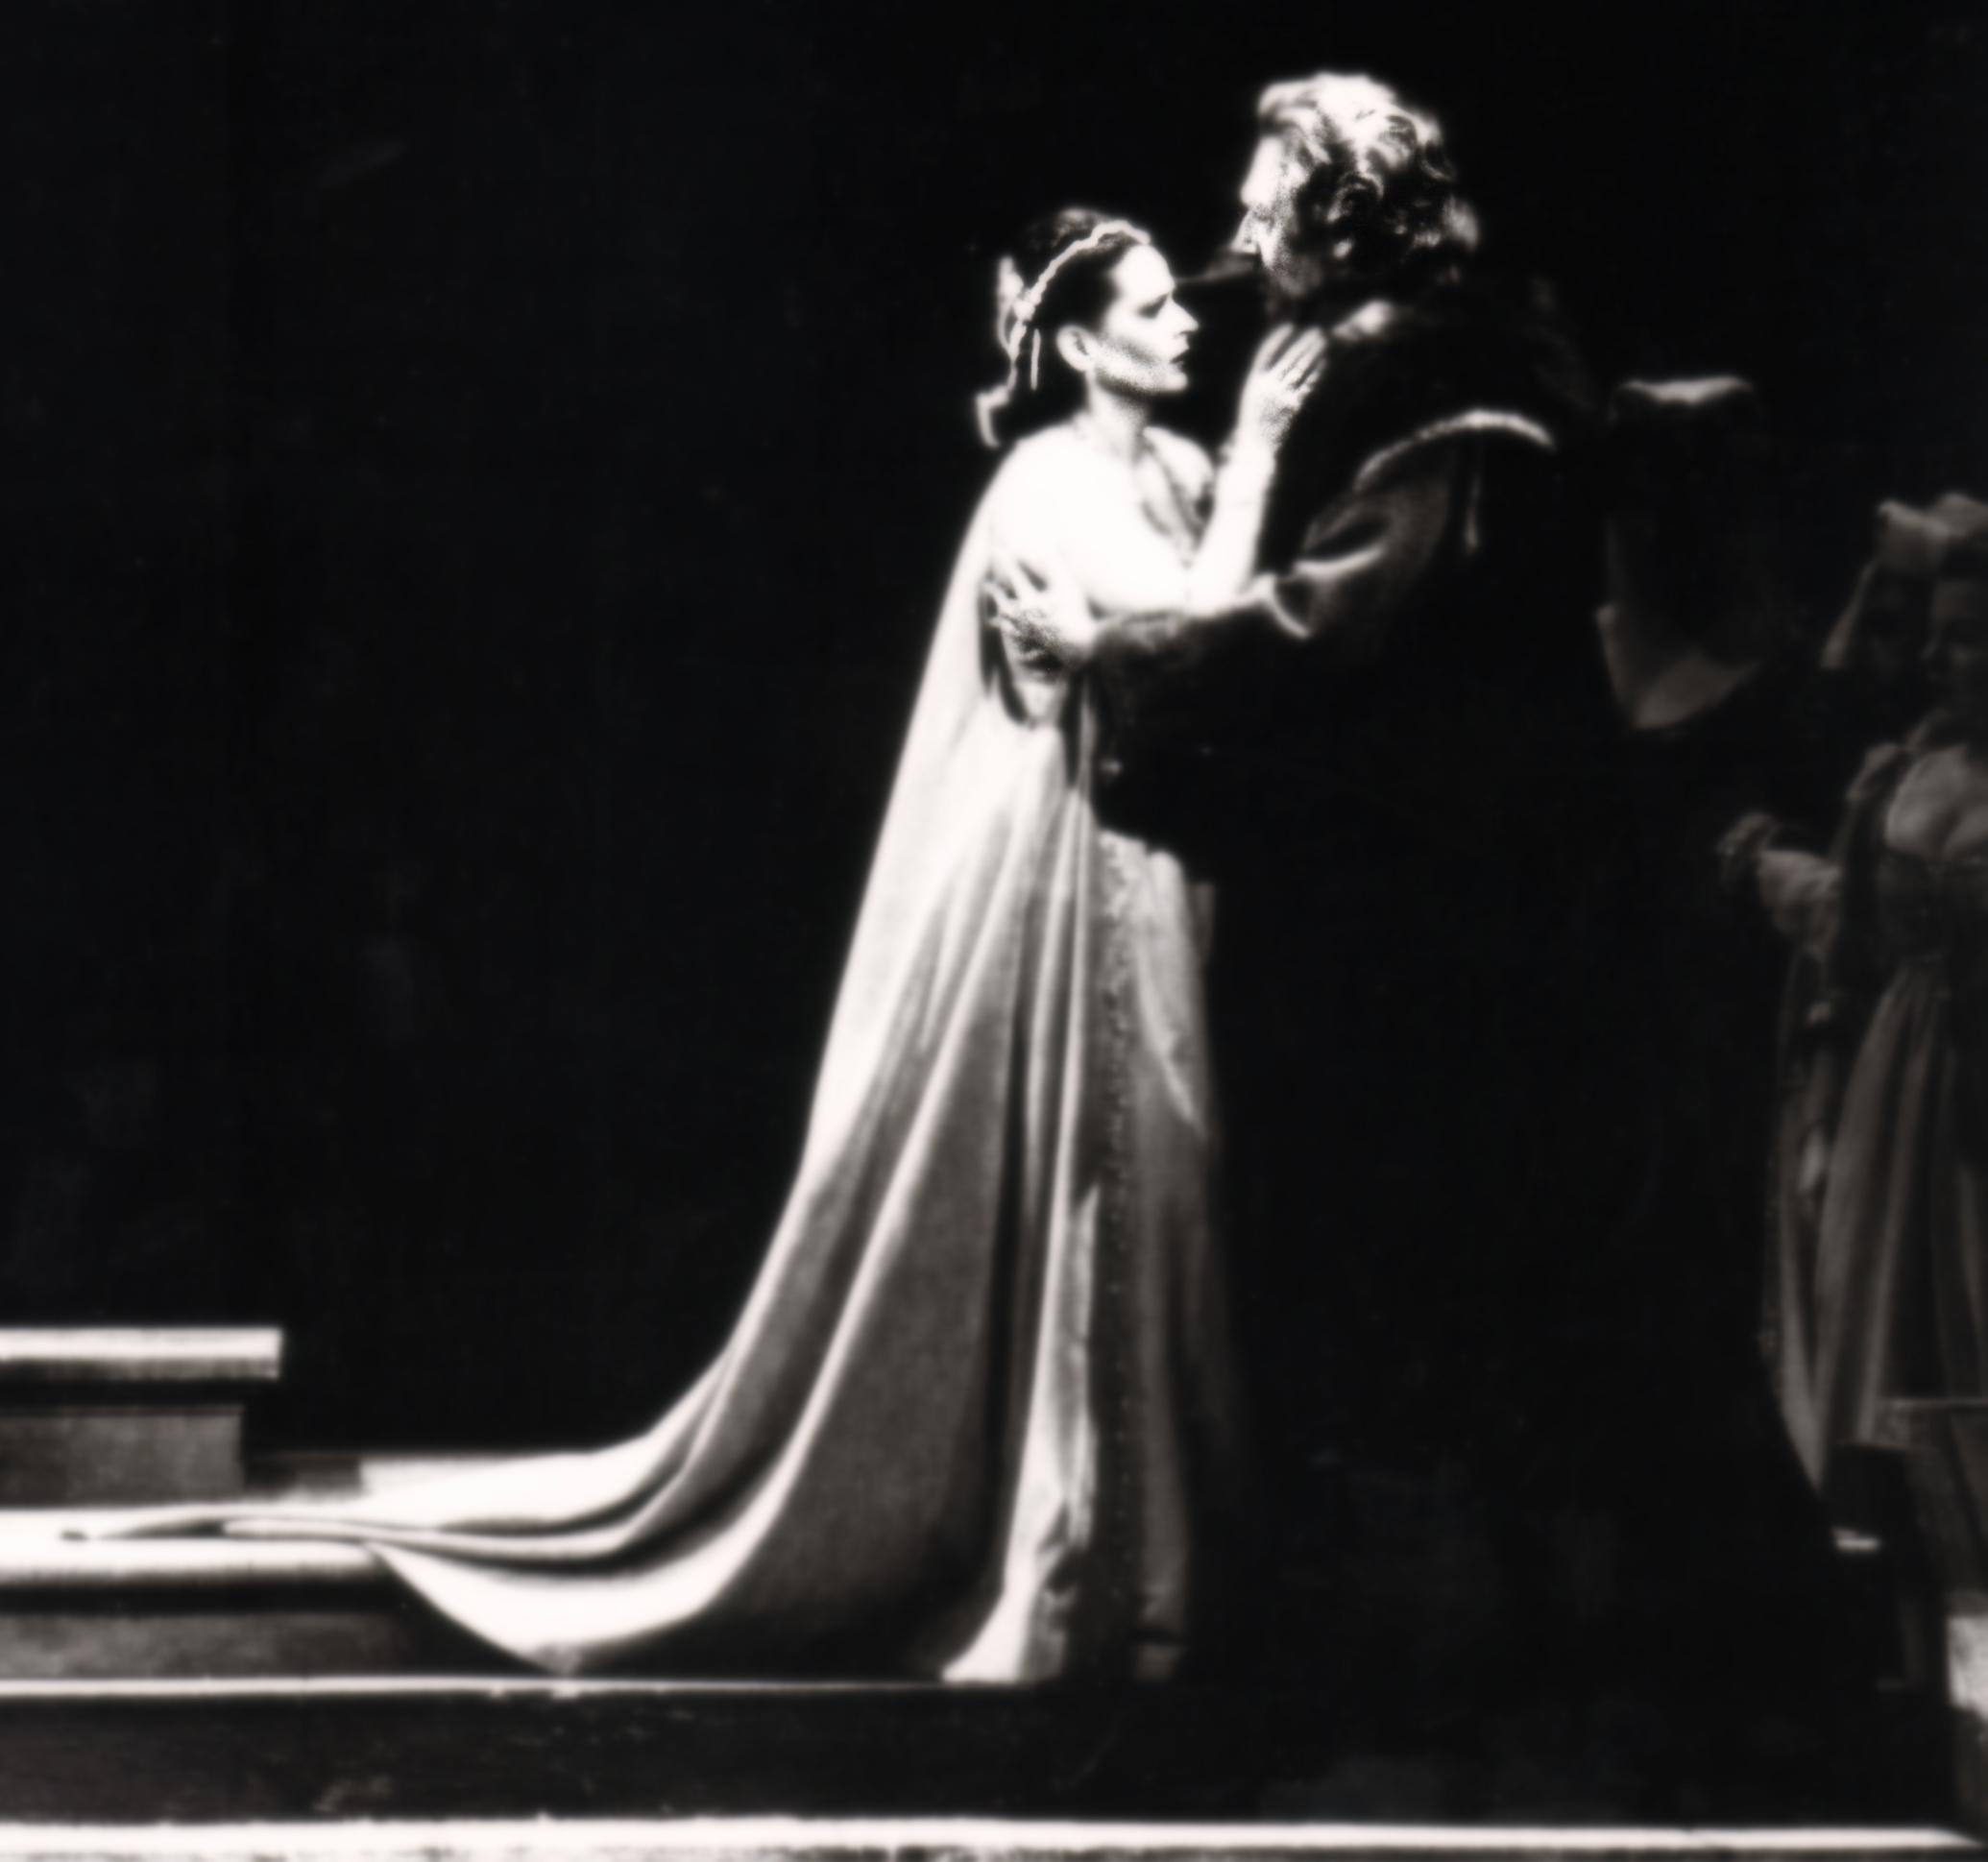 În rolul Amelia Grimaldi din opera Simon Boccanegra, împreună cuformidabilul bas Cesare Siepi în rolul Fiesco